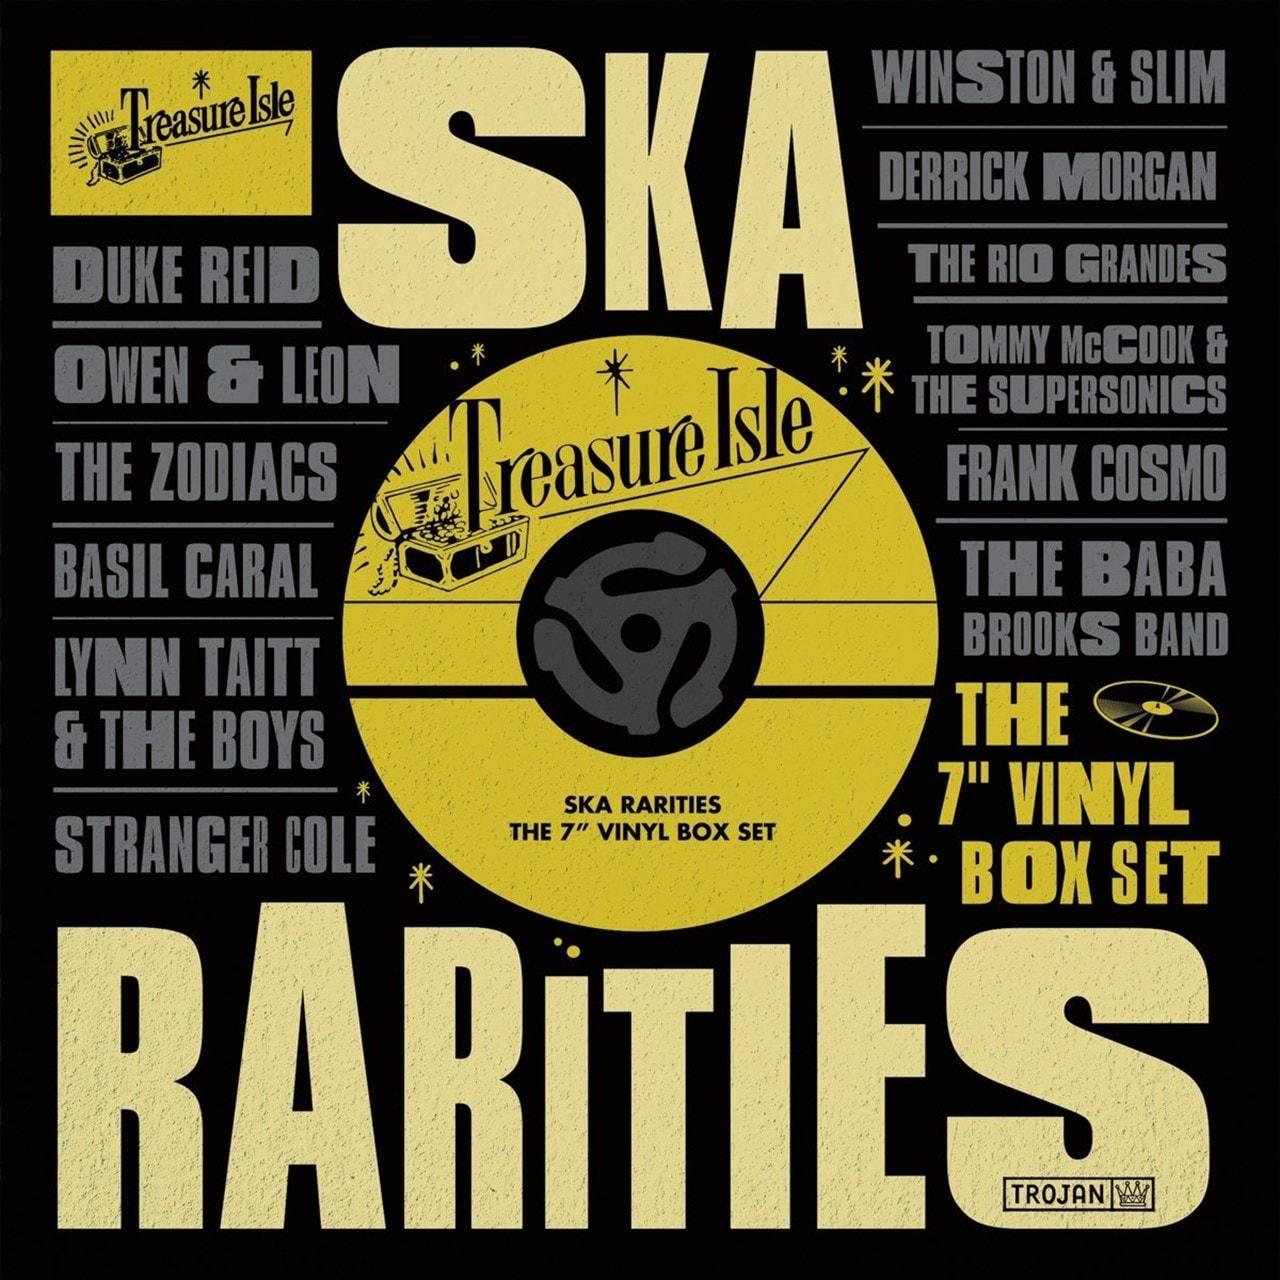 """Treasure Isle Ska Rarities: The 7"""" Vinyl Box Set - 1"""